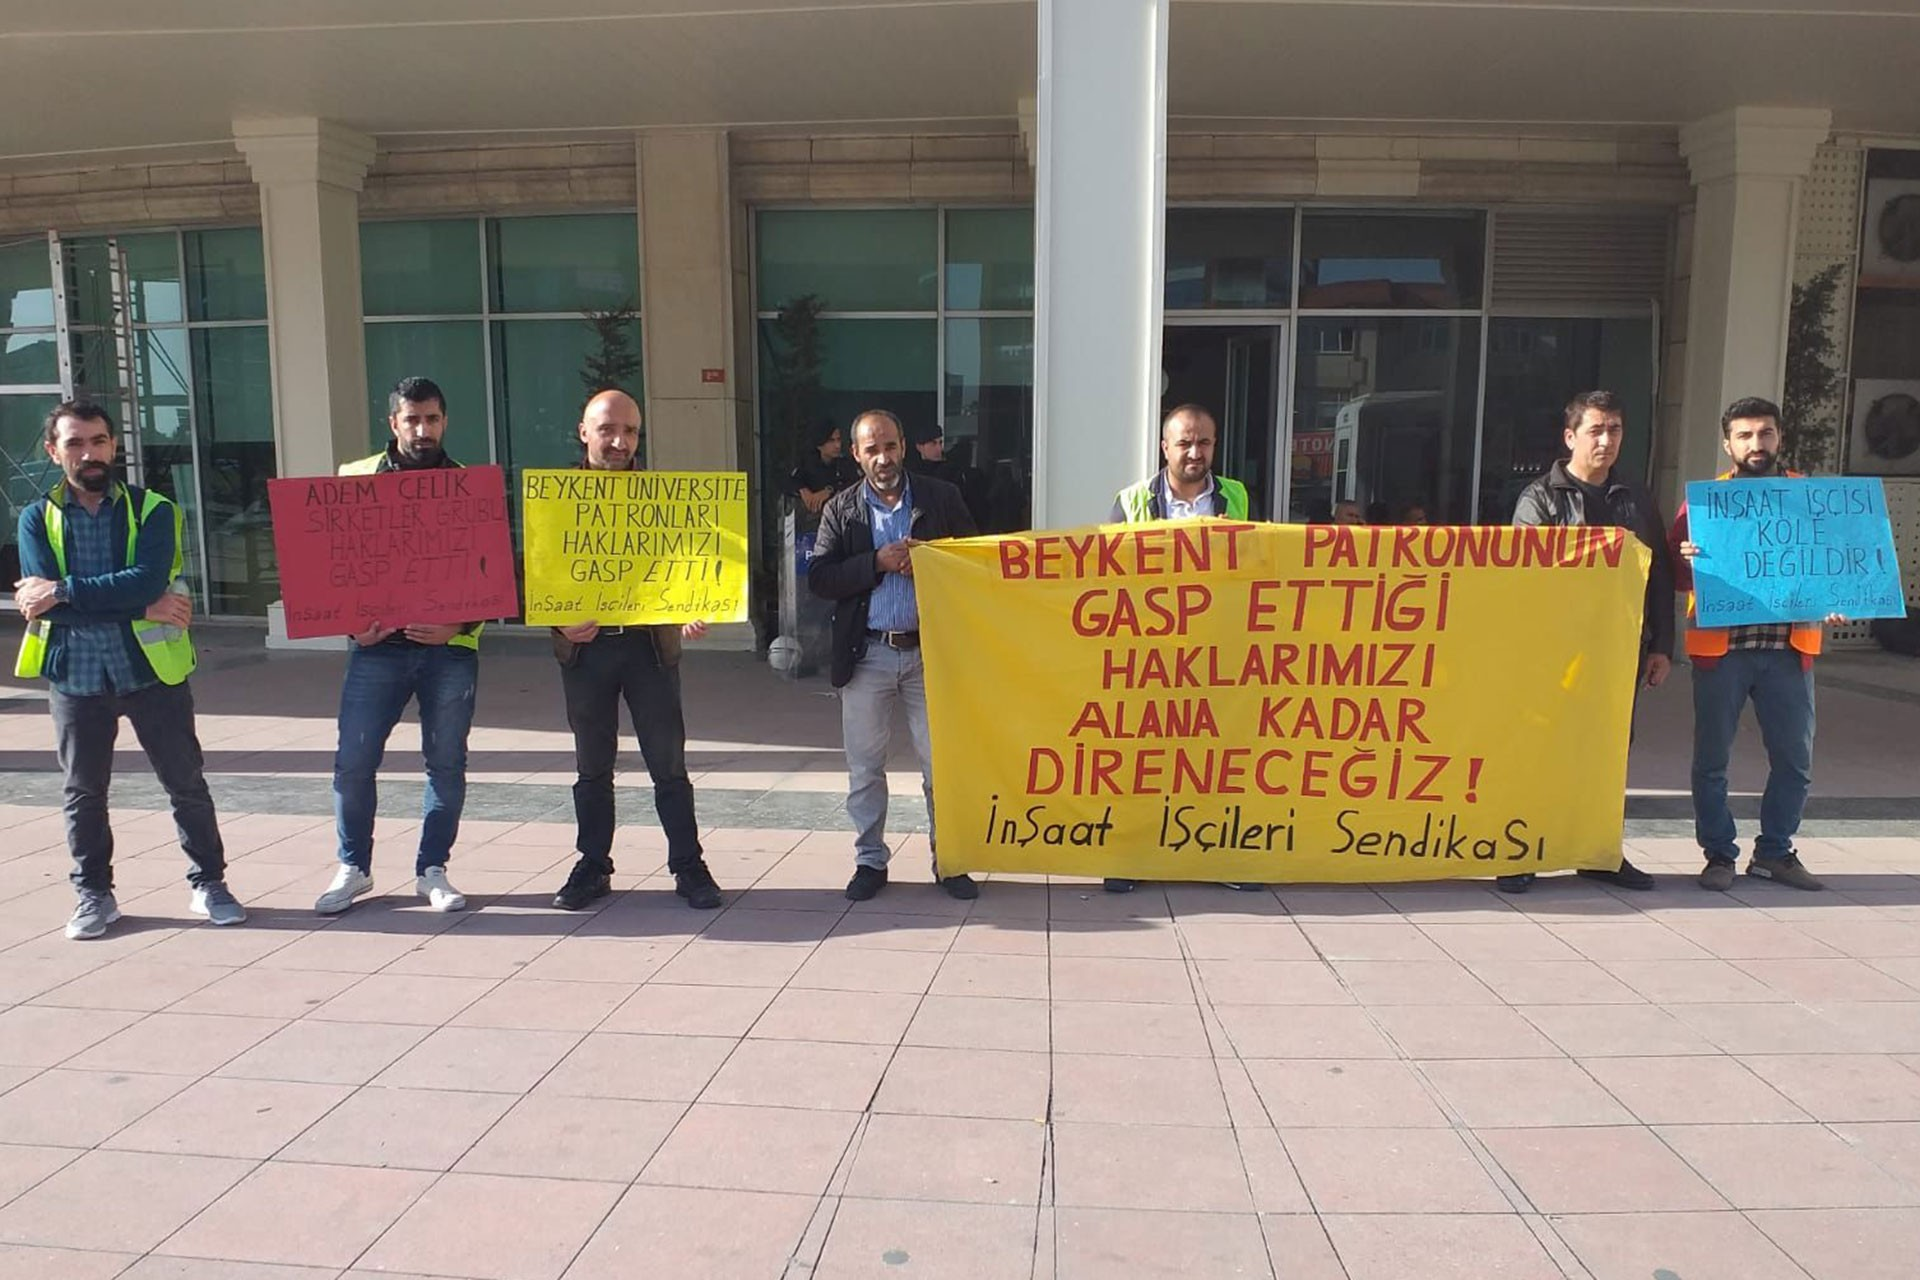 Beykent Üniversitesi inşaatı işçileri ödenmeyen ücretleri için eylemde